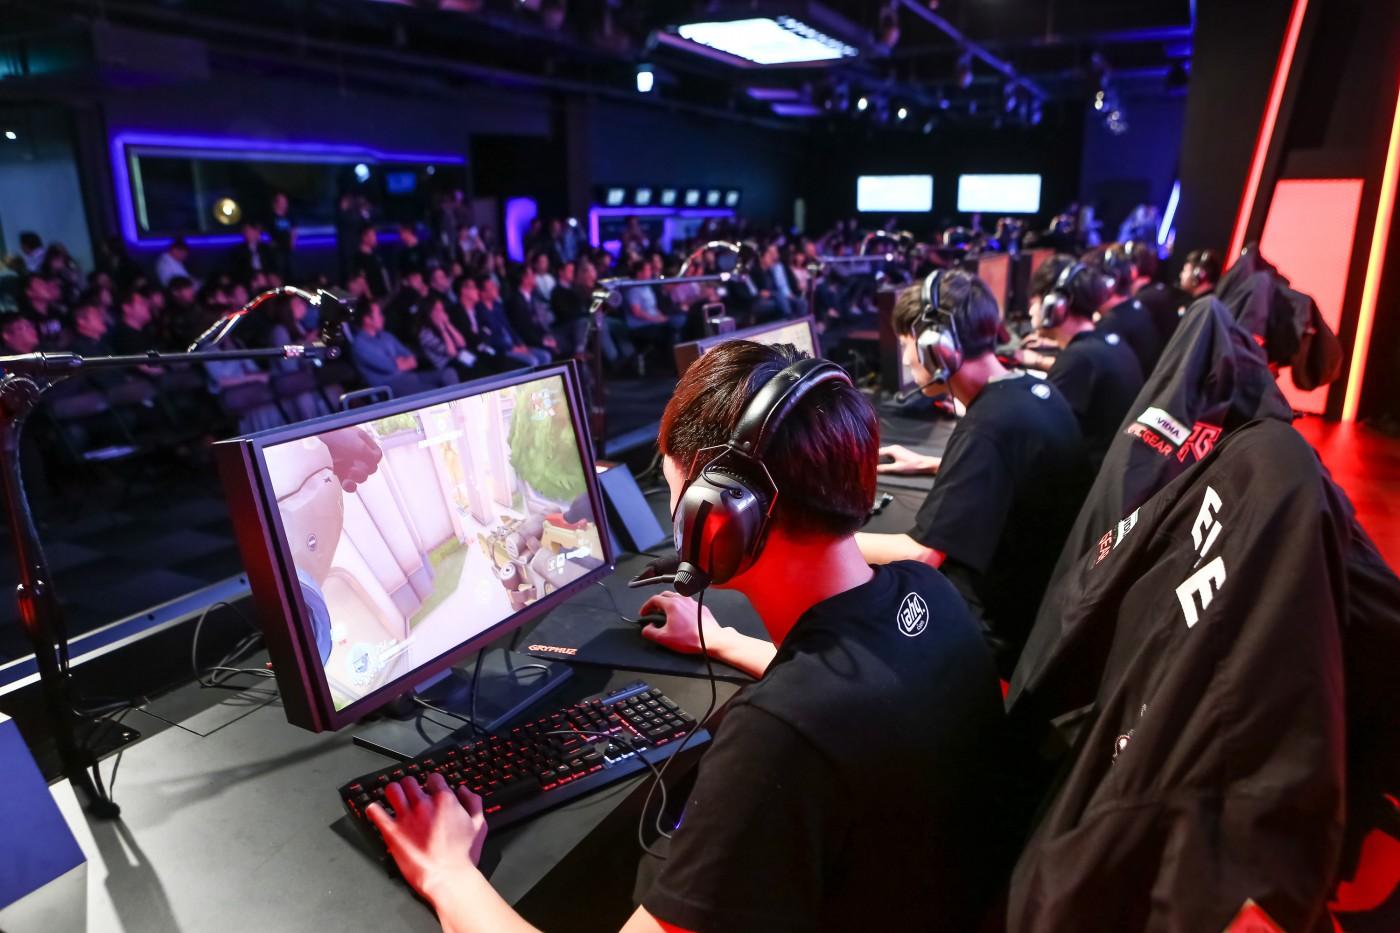 實現《一級玩家》理想世界,JPlay用區塊鏈掀起電競革命